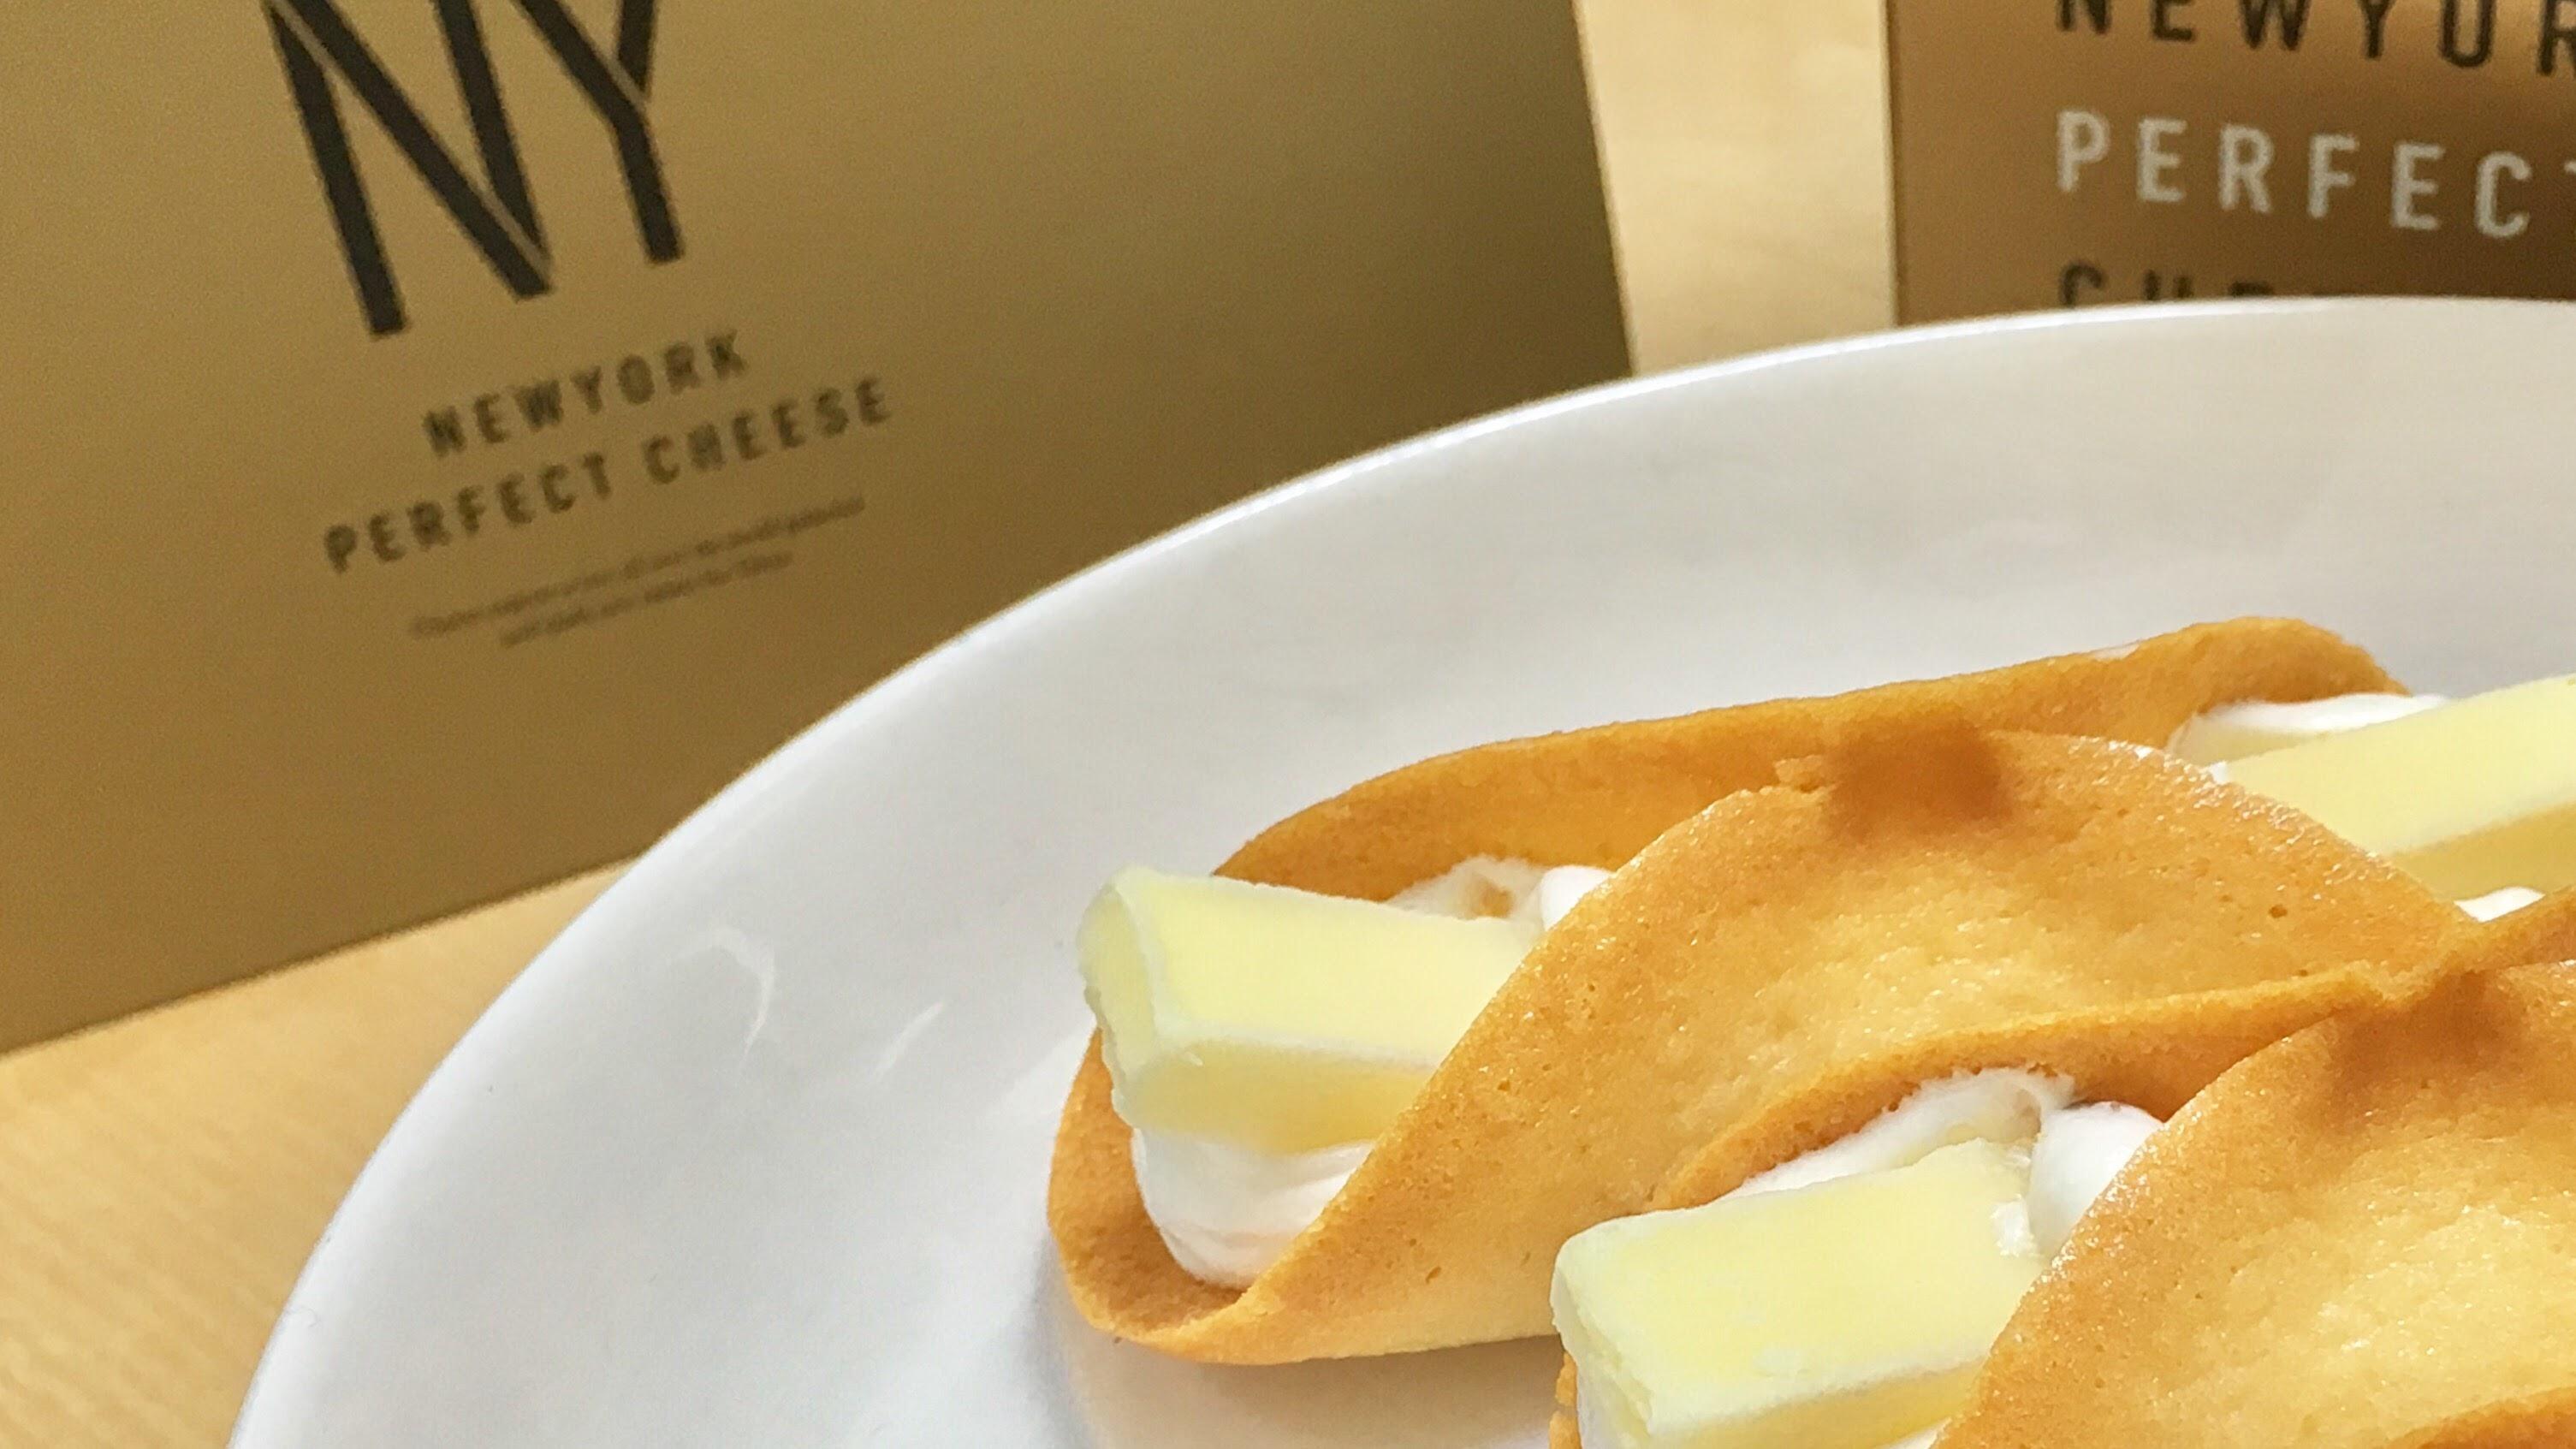 東京駅土産のニューヨークパーフェクトチーズ